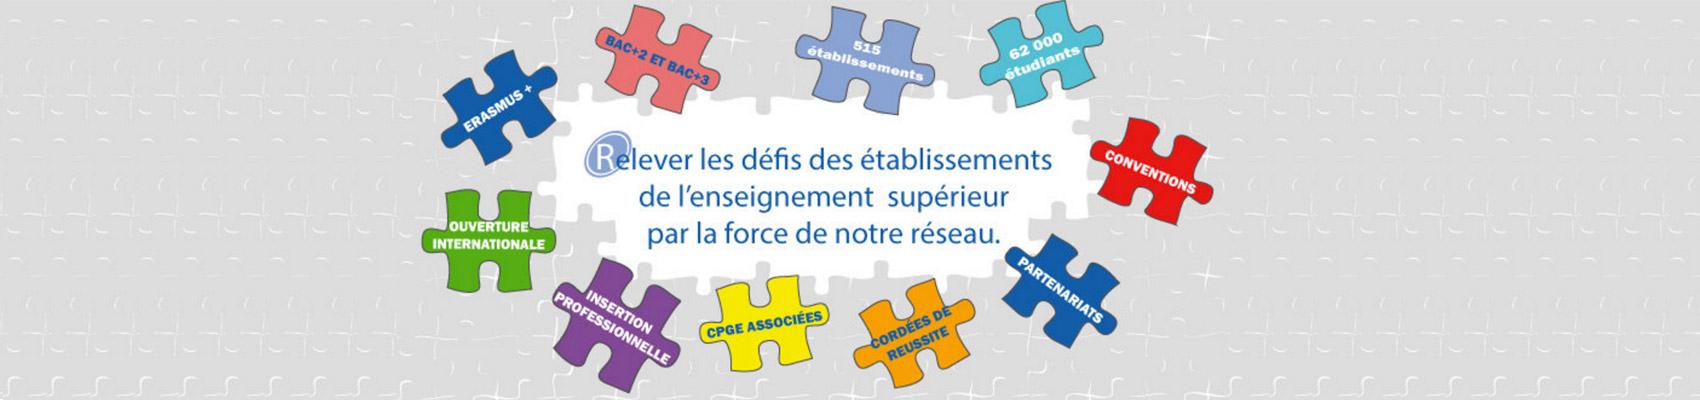 Renasup, Réseau national d'enseignement supérieur privé Enseignment catholique français